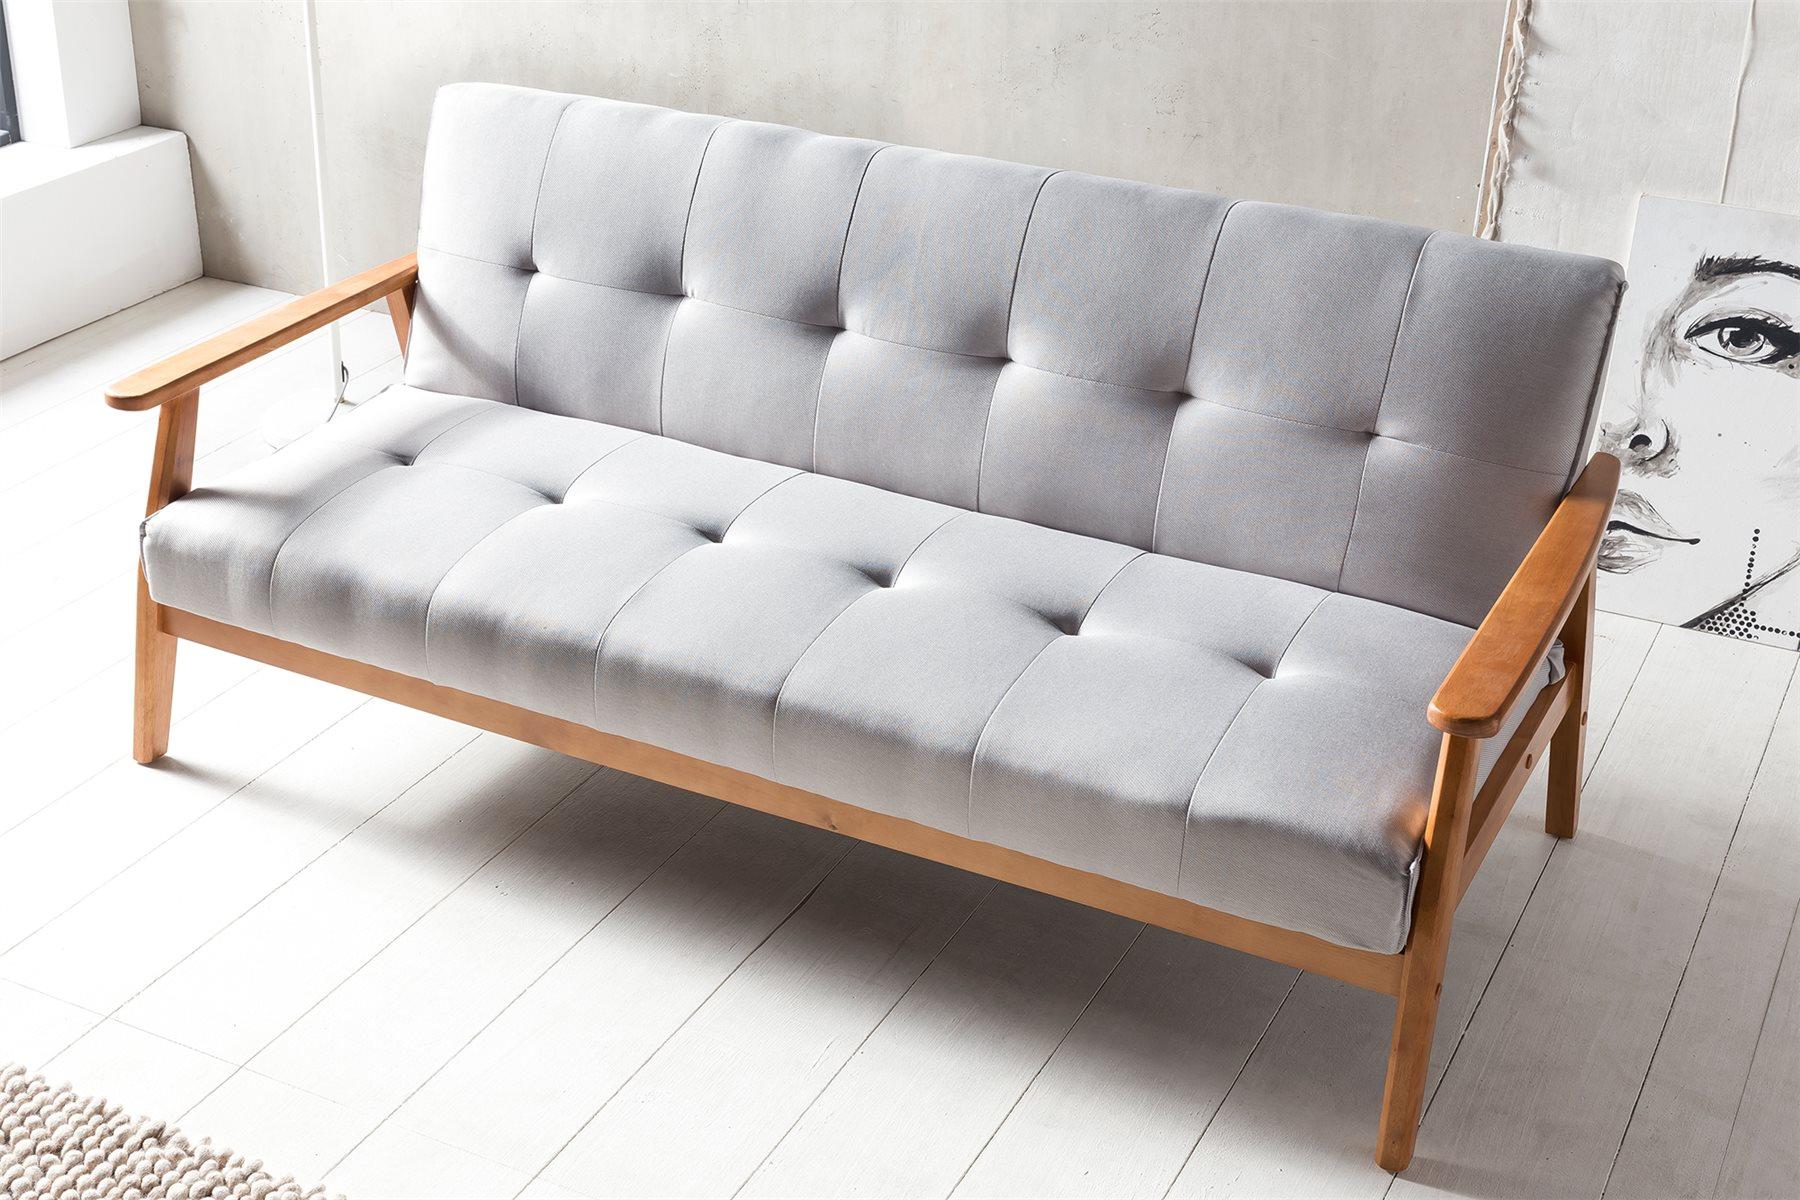 Full Size of Couch Ausklappbar Schlafsofa Dandis Im Skandinavisch Frischem Design Massivmbel Ausklappbares Bett Wohnzimmer Couch Ausklappbar